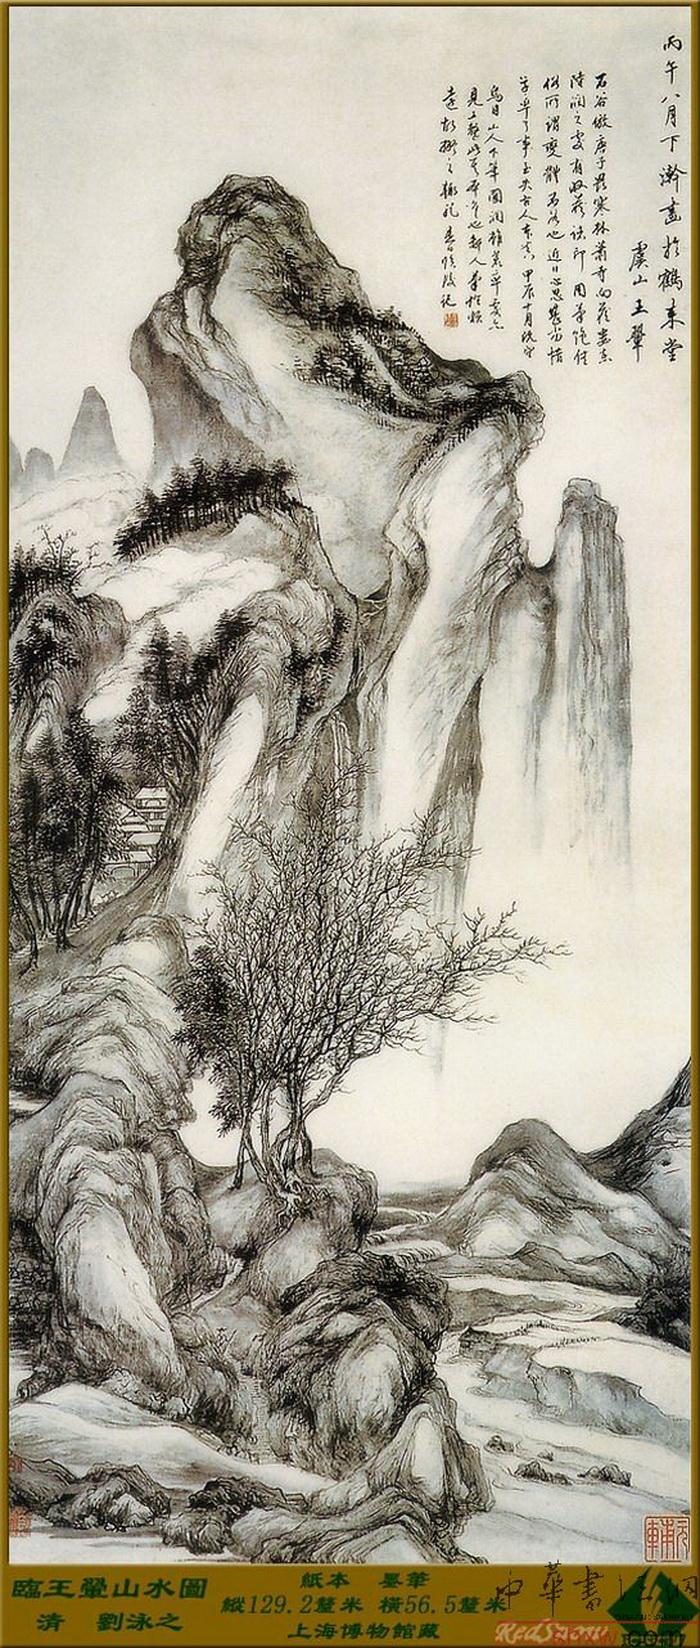 清代名家国画(62幅) - 墨海雪浪 - 墨海雪浪